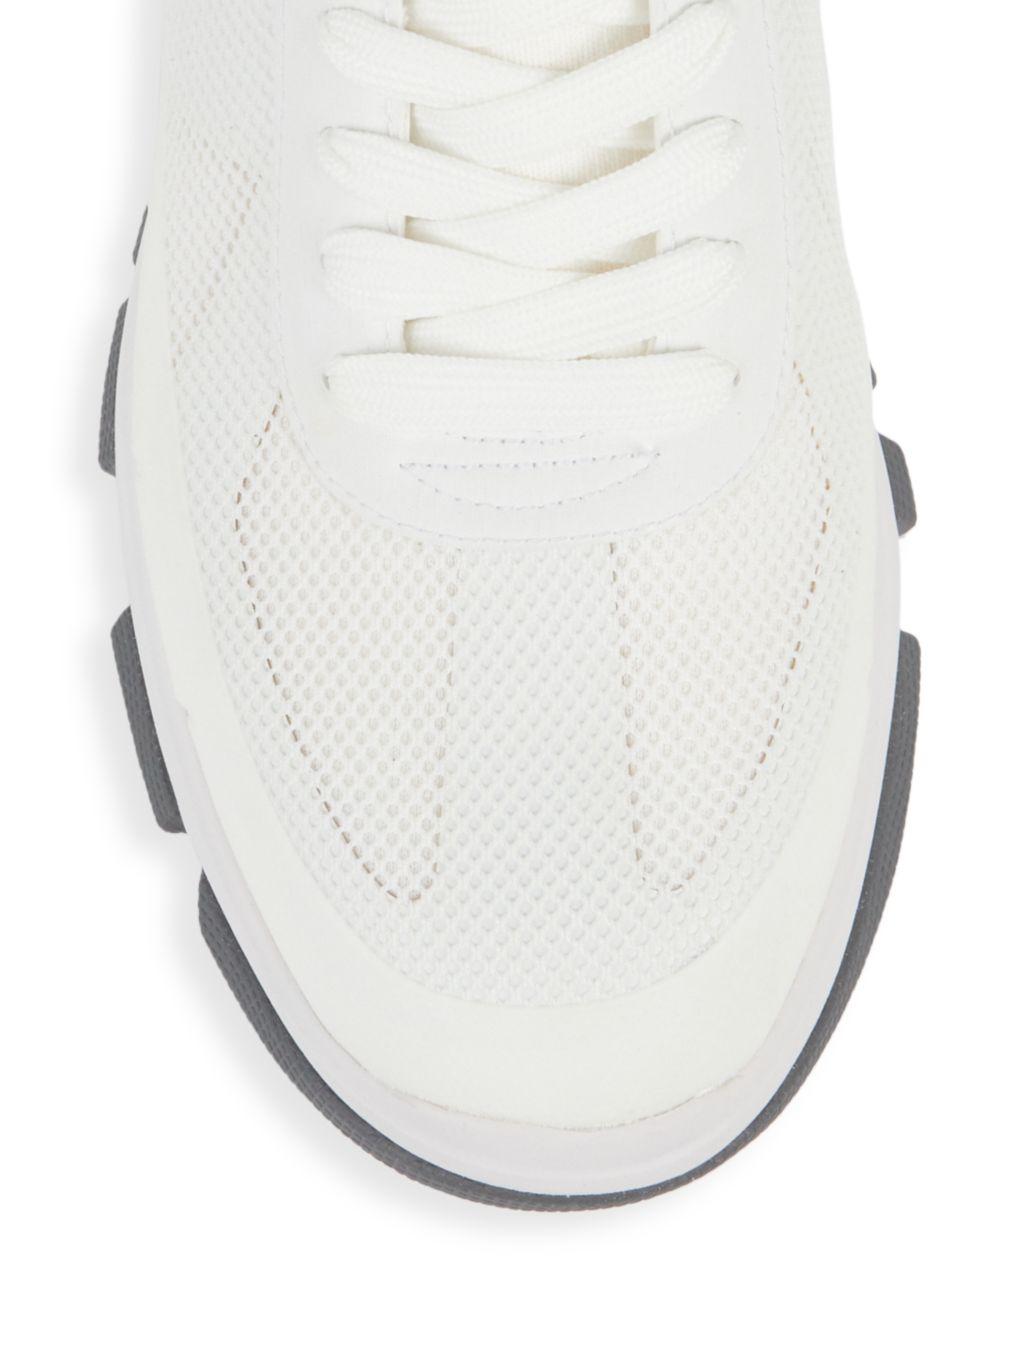 Swims City Hiker Mesh Sneakers